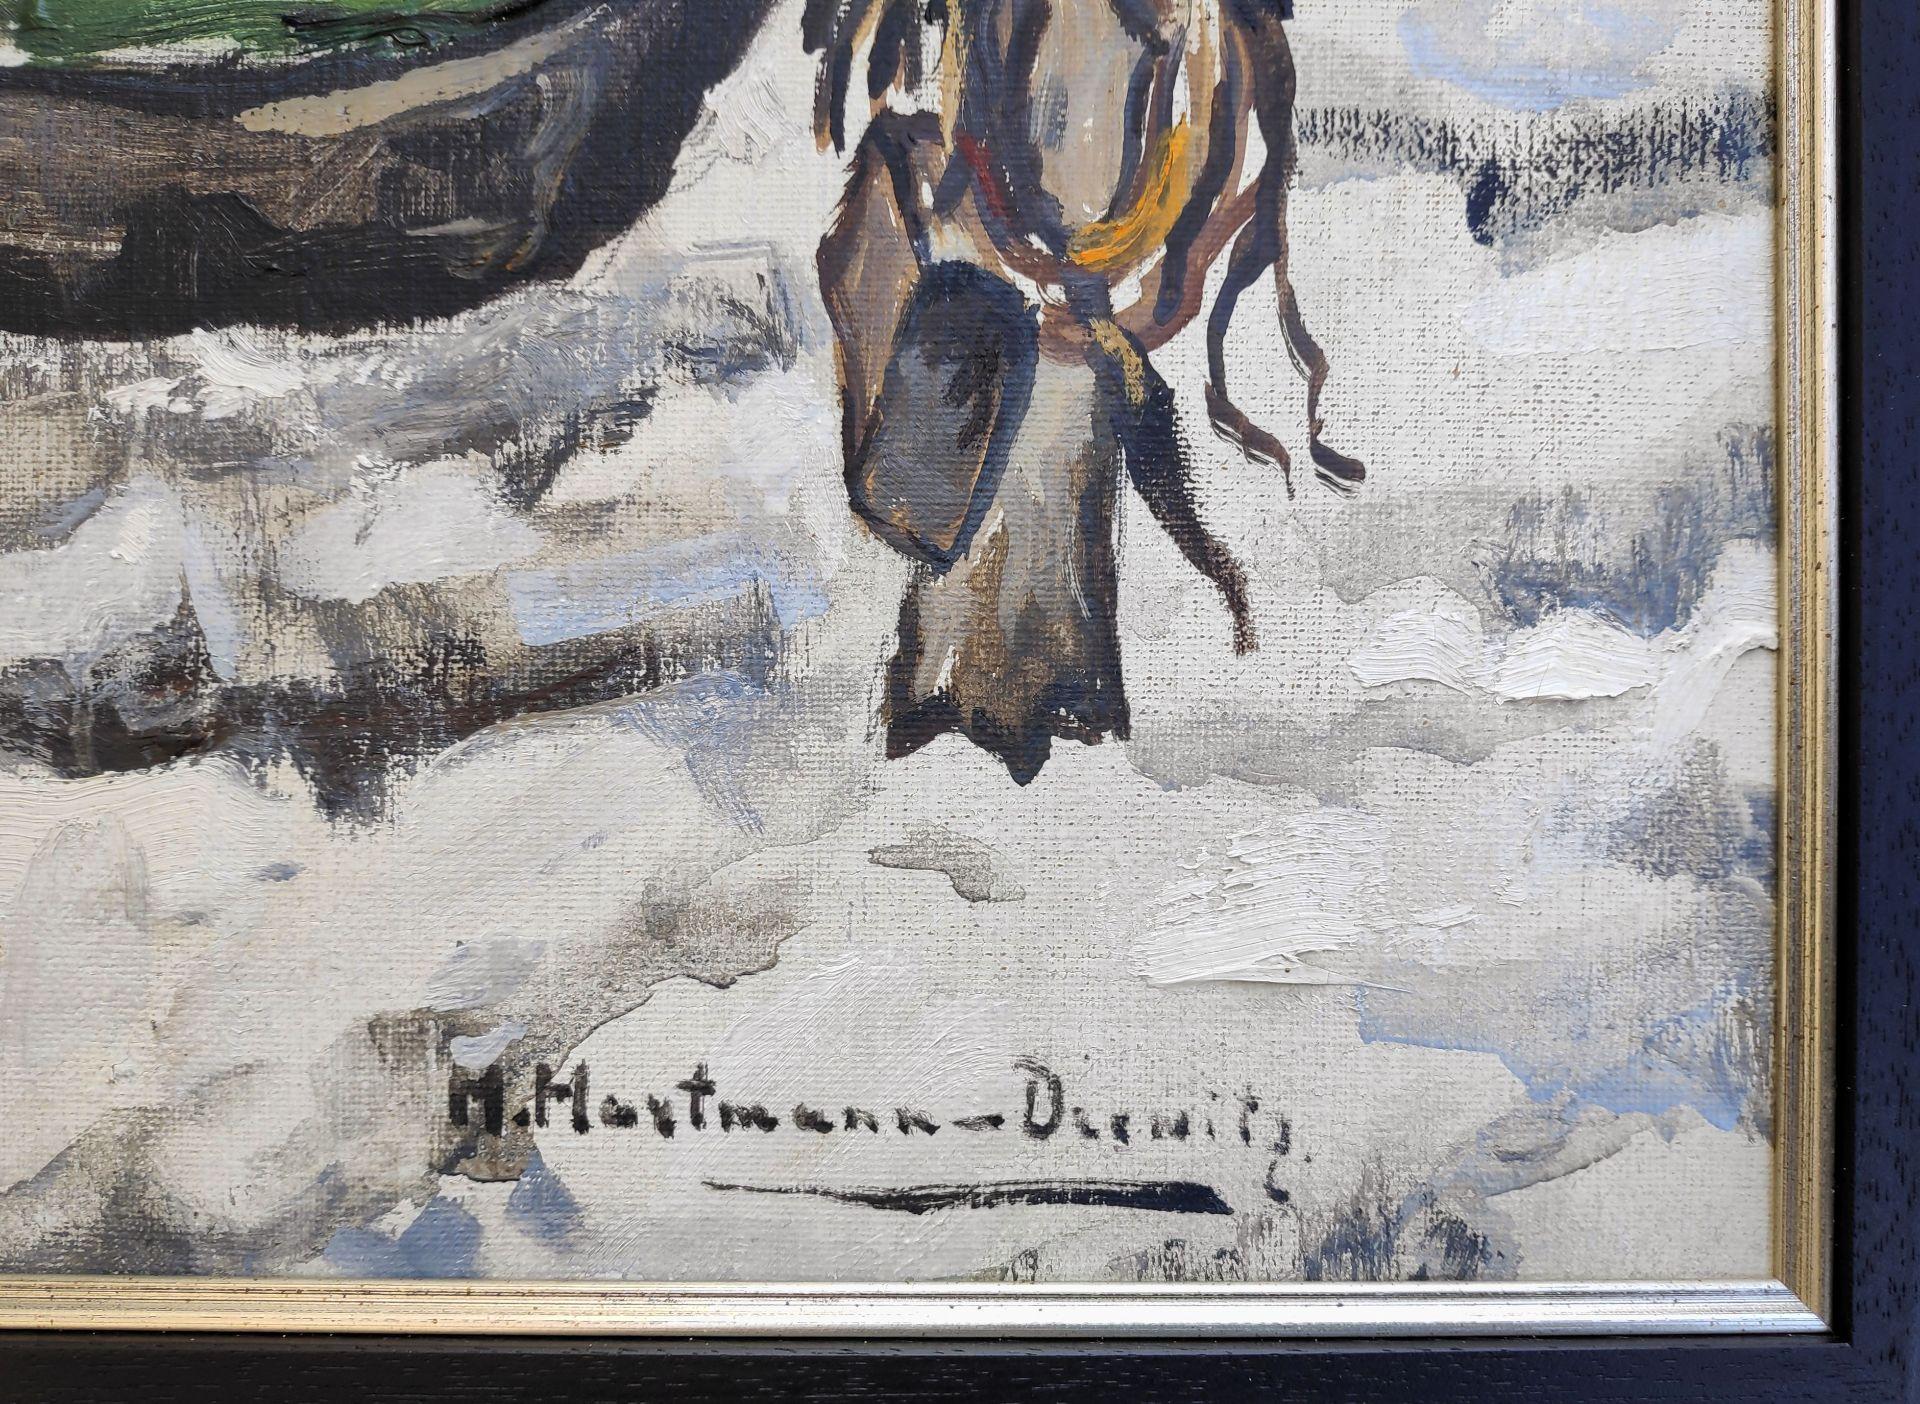 """Hartmann-Drewitz, Hermann (1879 Berlin - 1966 Eutin) """"Fischerboot im Schnee"""" - Bild 3 aus 3"""